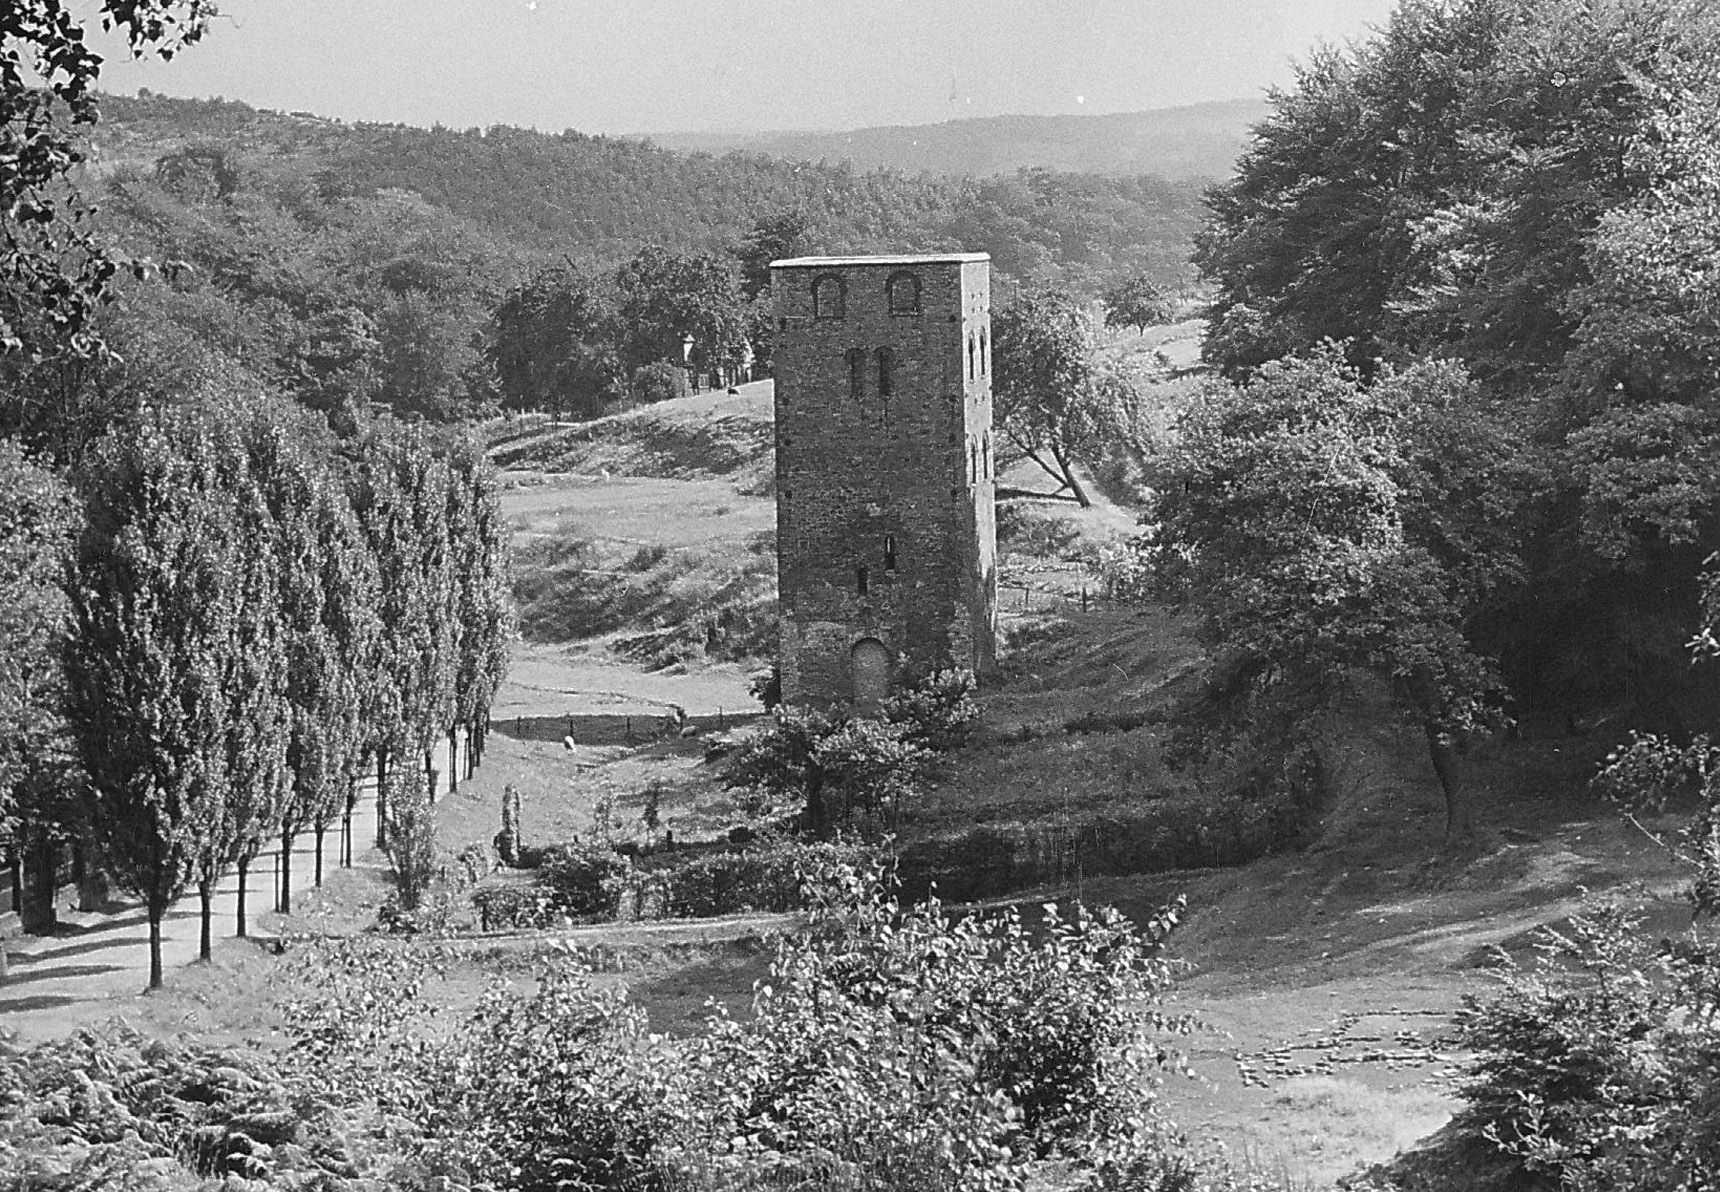 Der einzige erhaltene in Ruhrsandstein gemauerte Malakowturm des Ruhrgebiets in einer älteren Aufnahme, Foto: Stadtarchiv Bochum